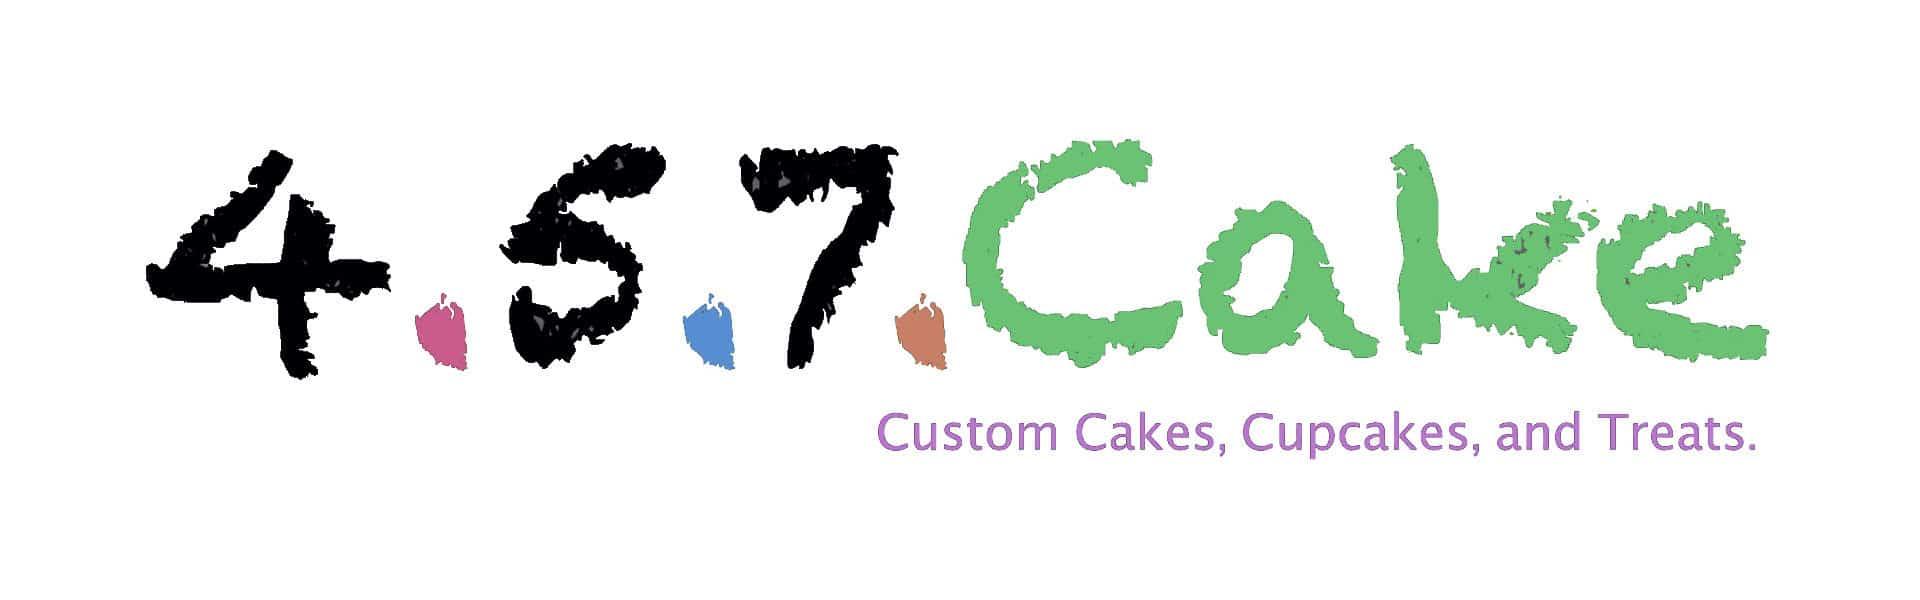 Fargo Cake Decorators